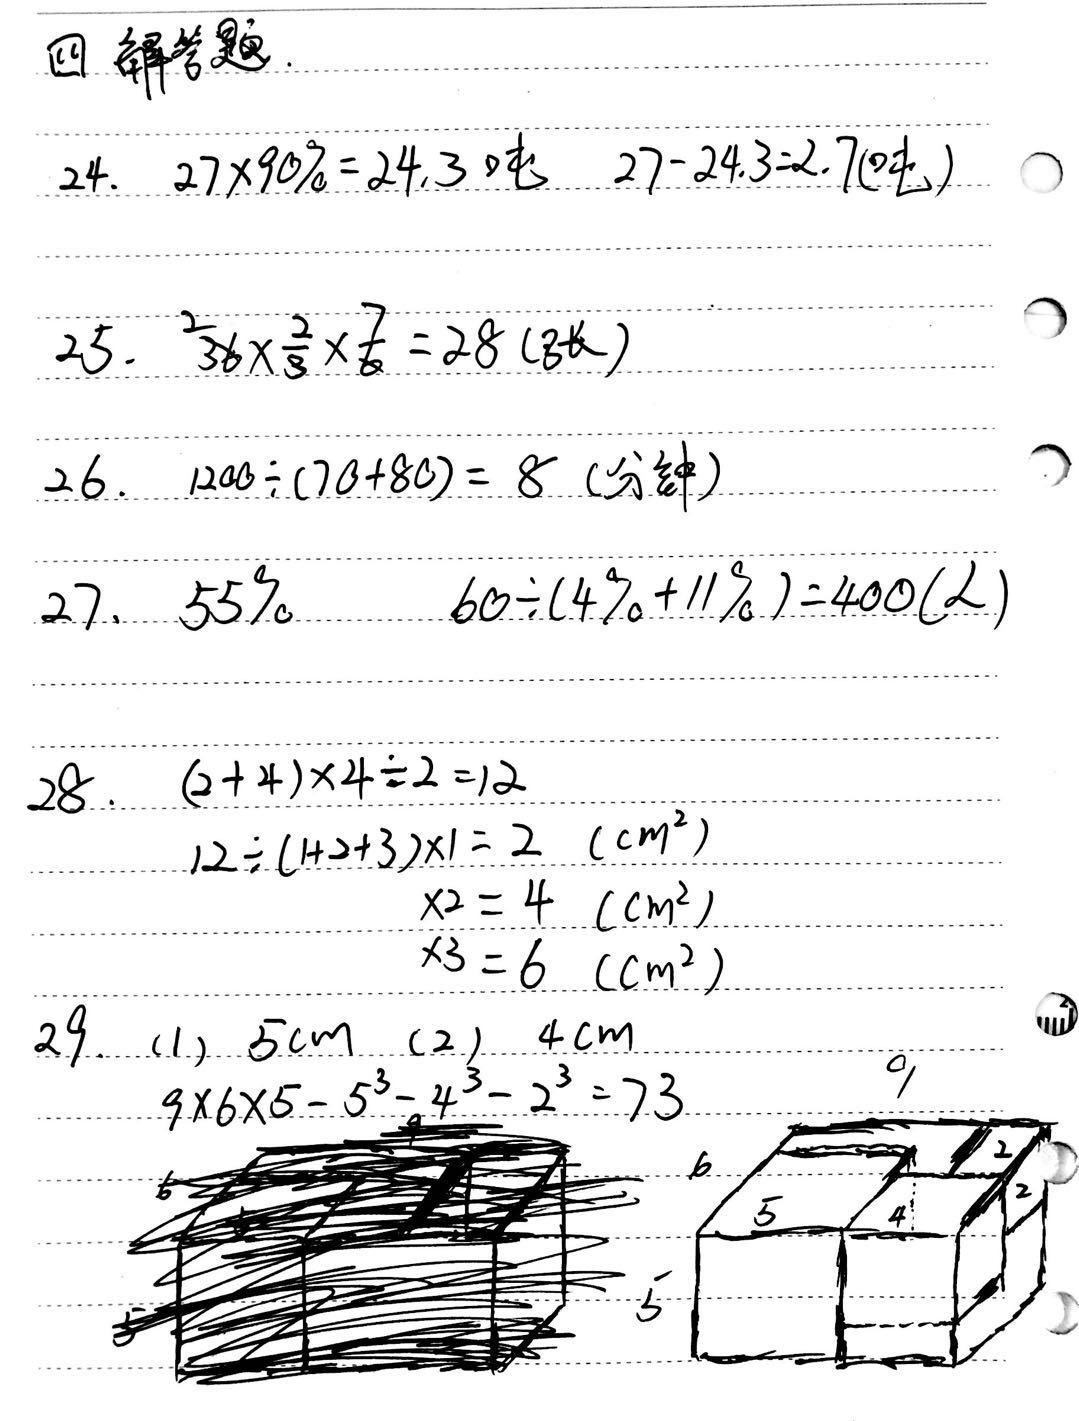 2018年天津市河西区六年级升级考试数学答案2